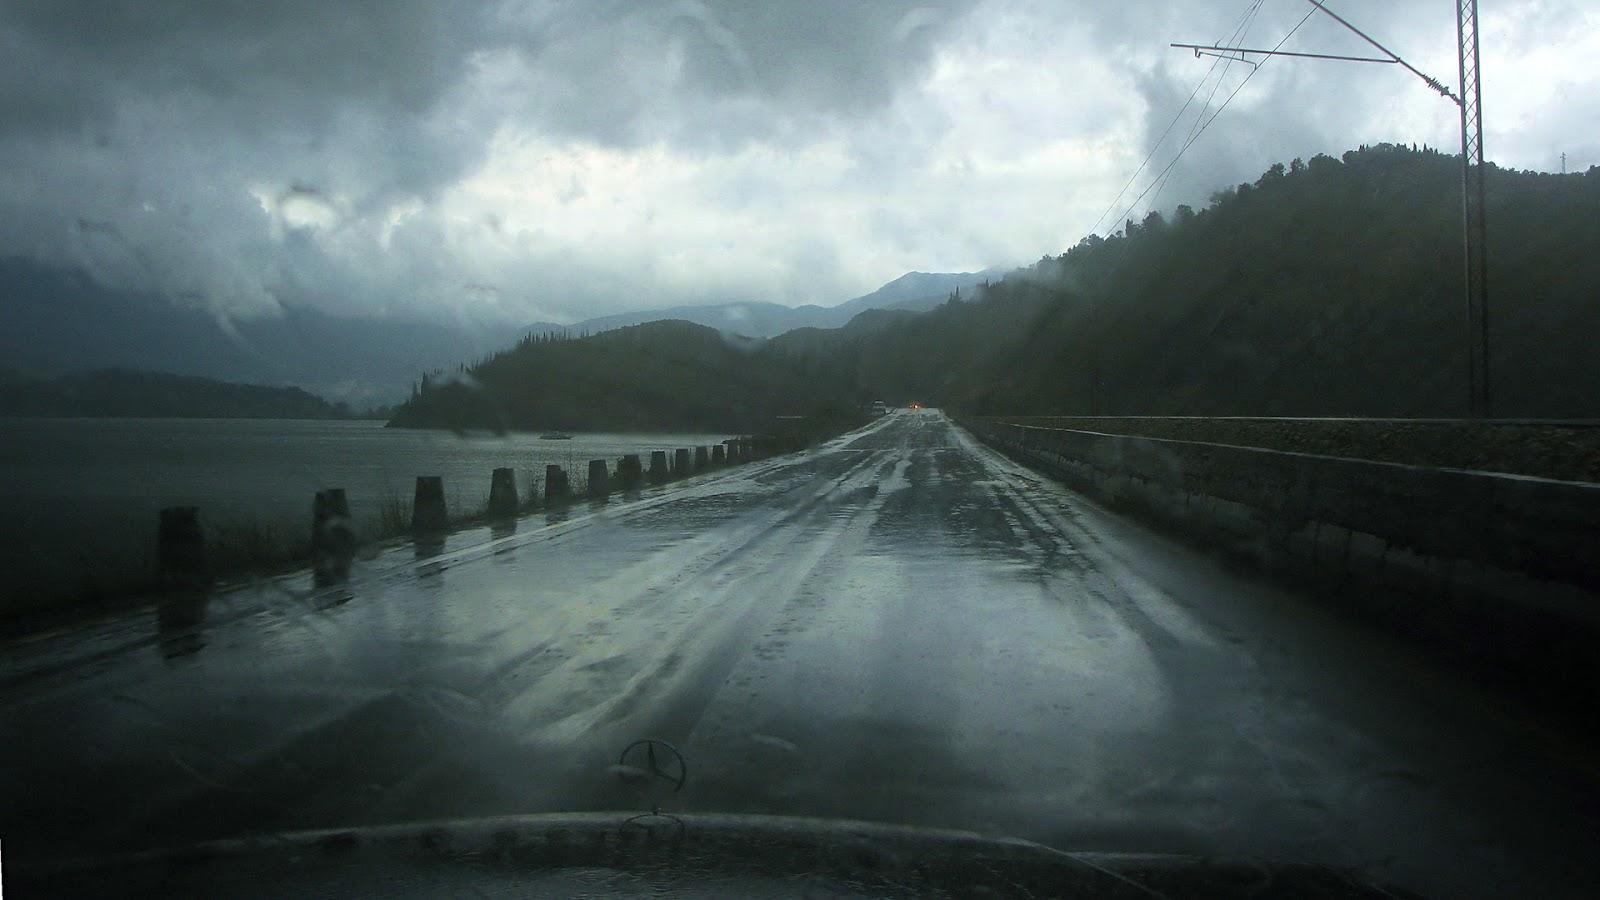 Rain hd